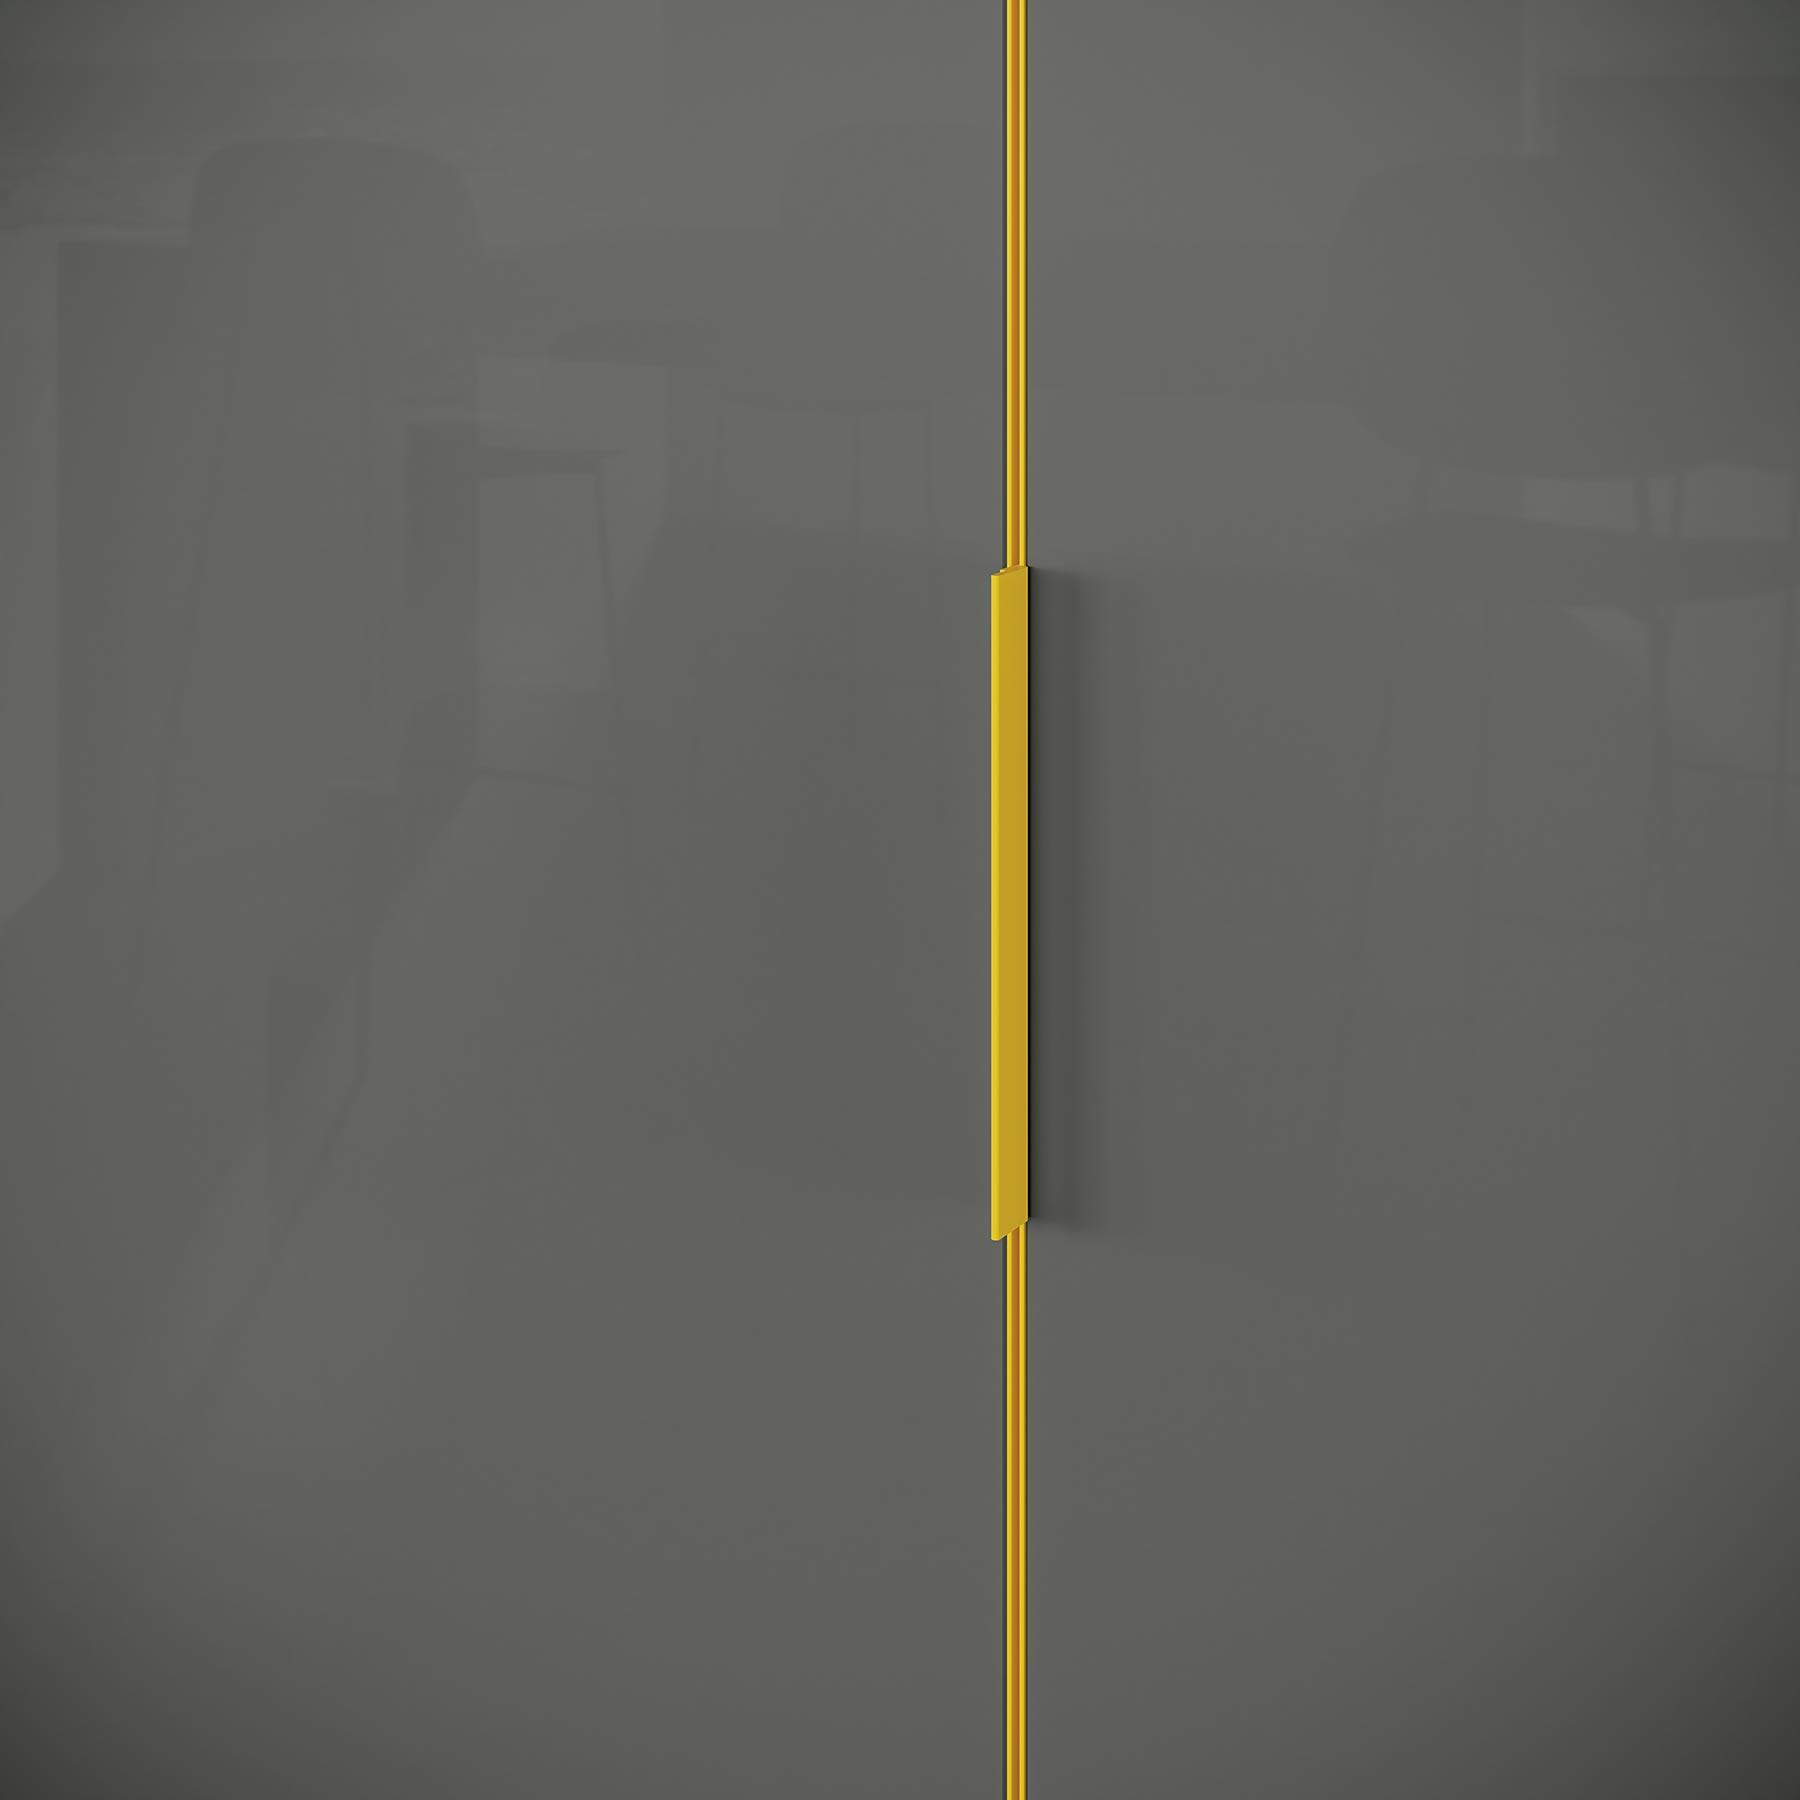 PANORAMIC Armario a Medida con Puertas Correderas UECKO 6 Puertas Detalle perfil puertas